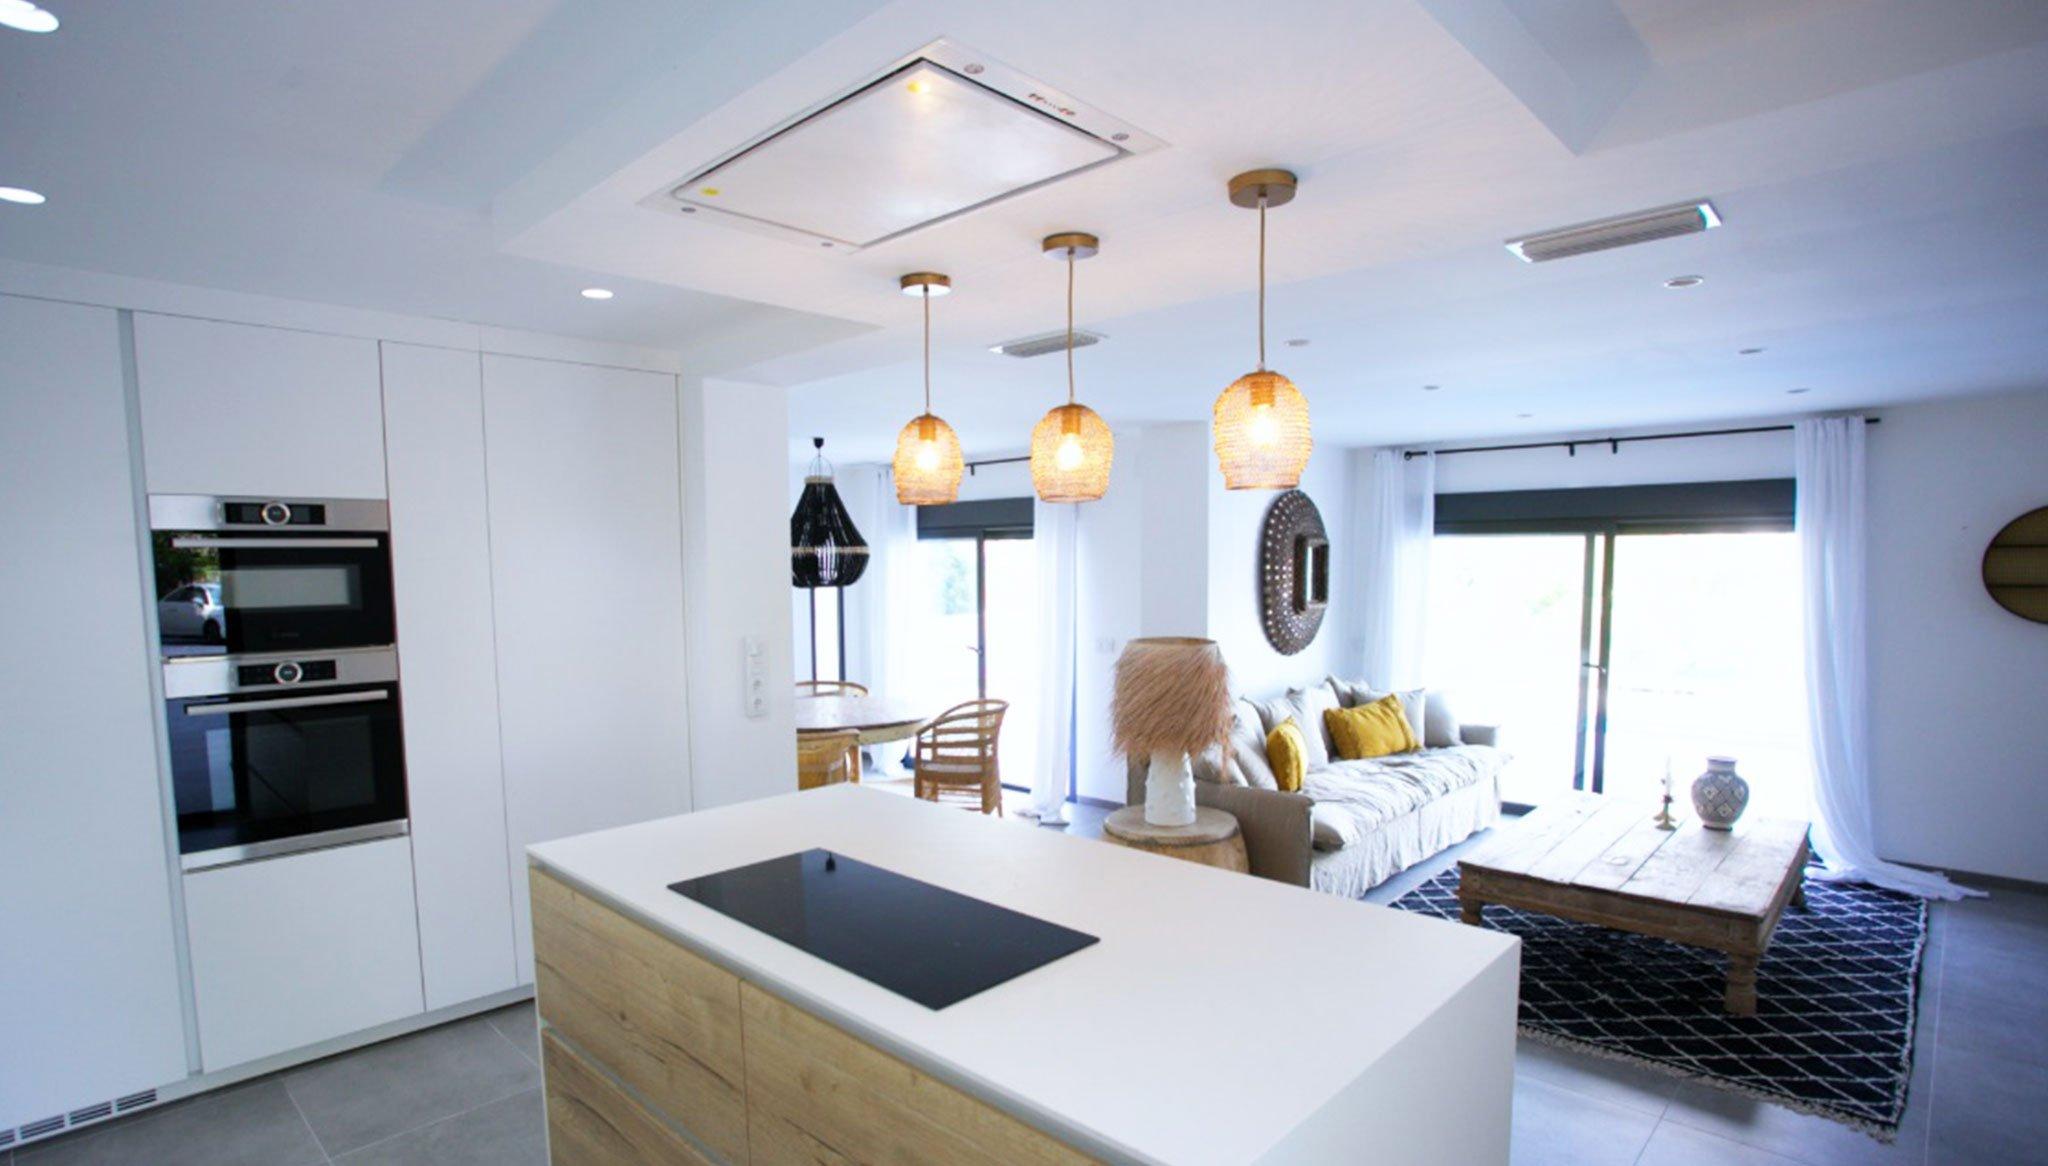 Cocina de una propiedad de lujo de estilo ibicenco en venta en Moraira – Fine & Country Costa Blanca Norte